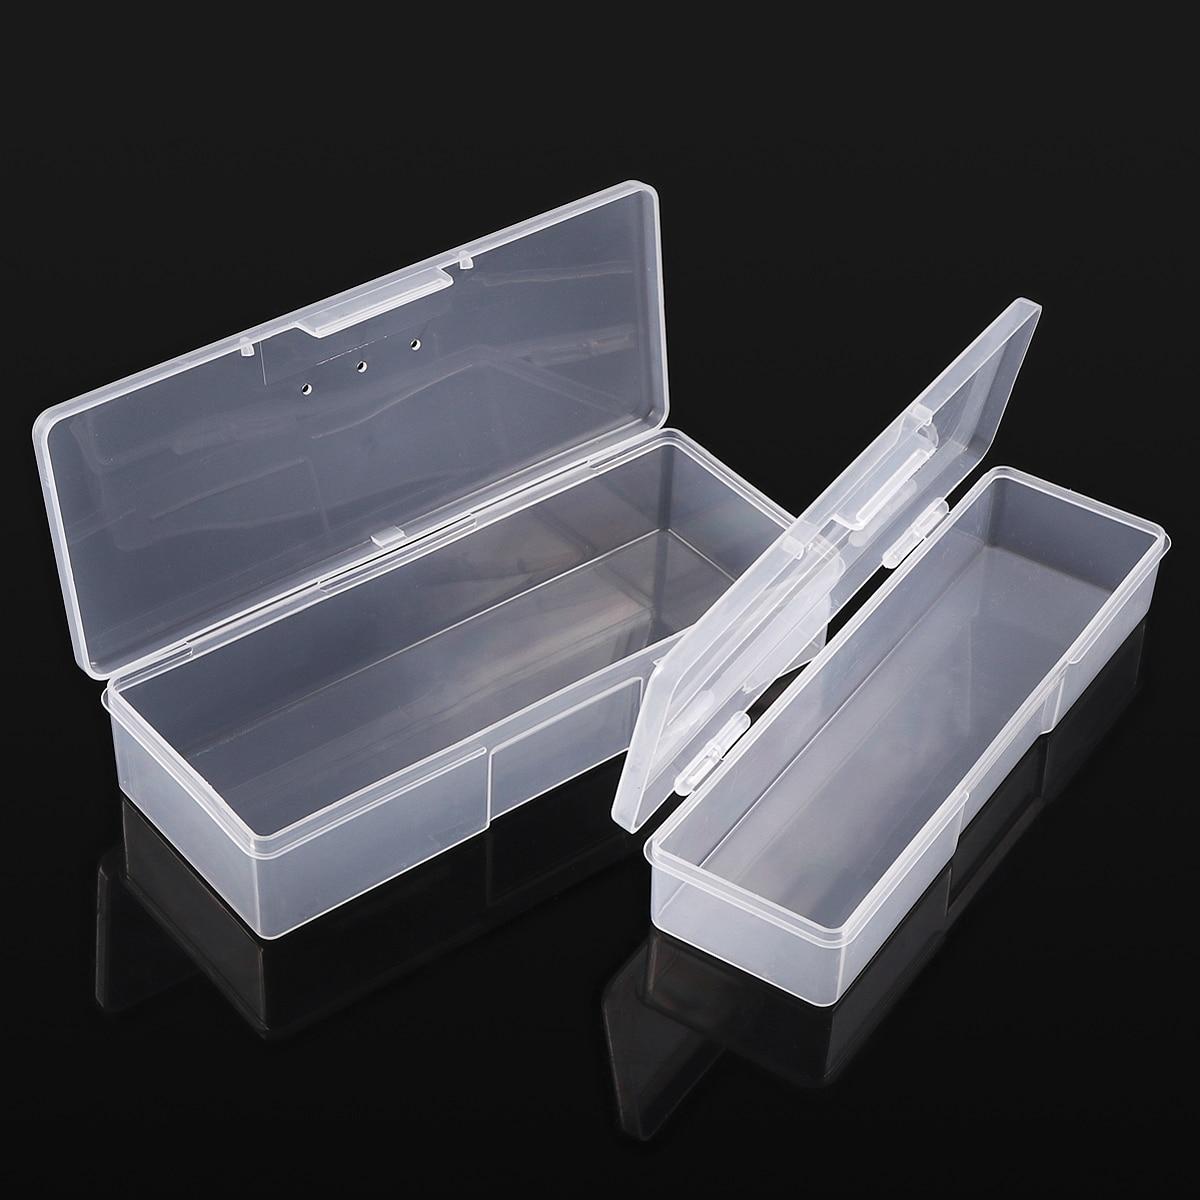 Monja nail art rechteck durchscheinend kunststoff aufbewahrungsbox - Nagel Kunst - Foto 5